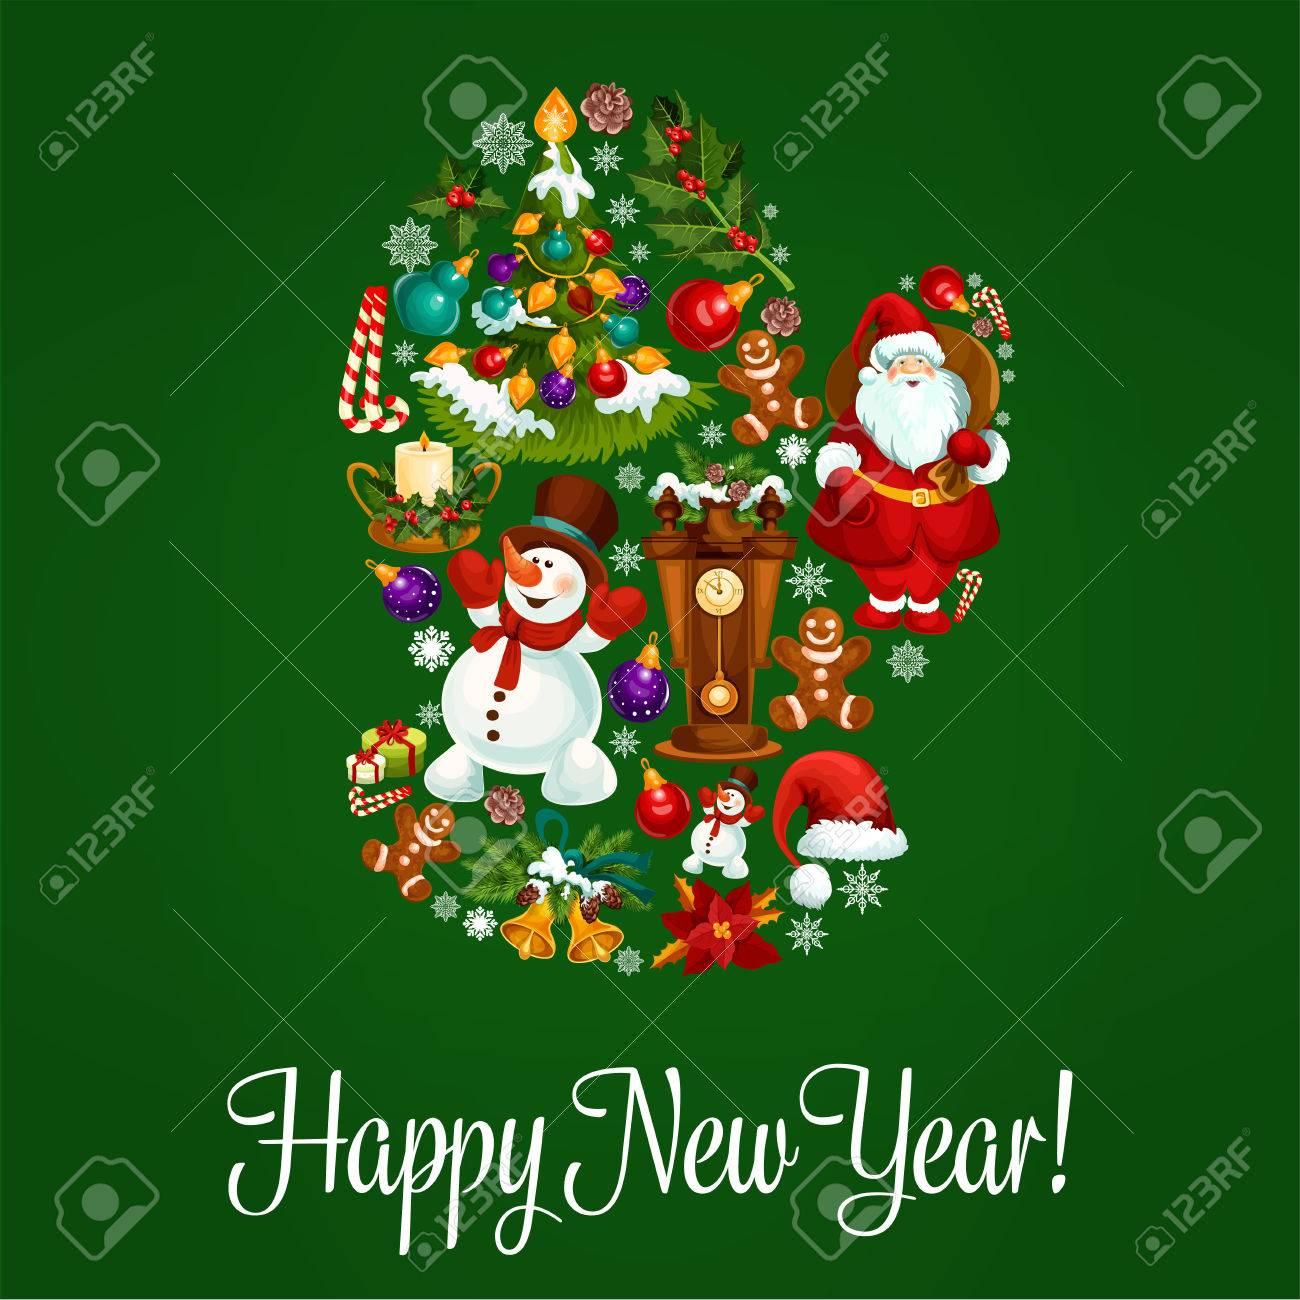 Gluckliches Neues Jahr Vektor Plakat Grusskarte Mit Dem Symbol Des